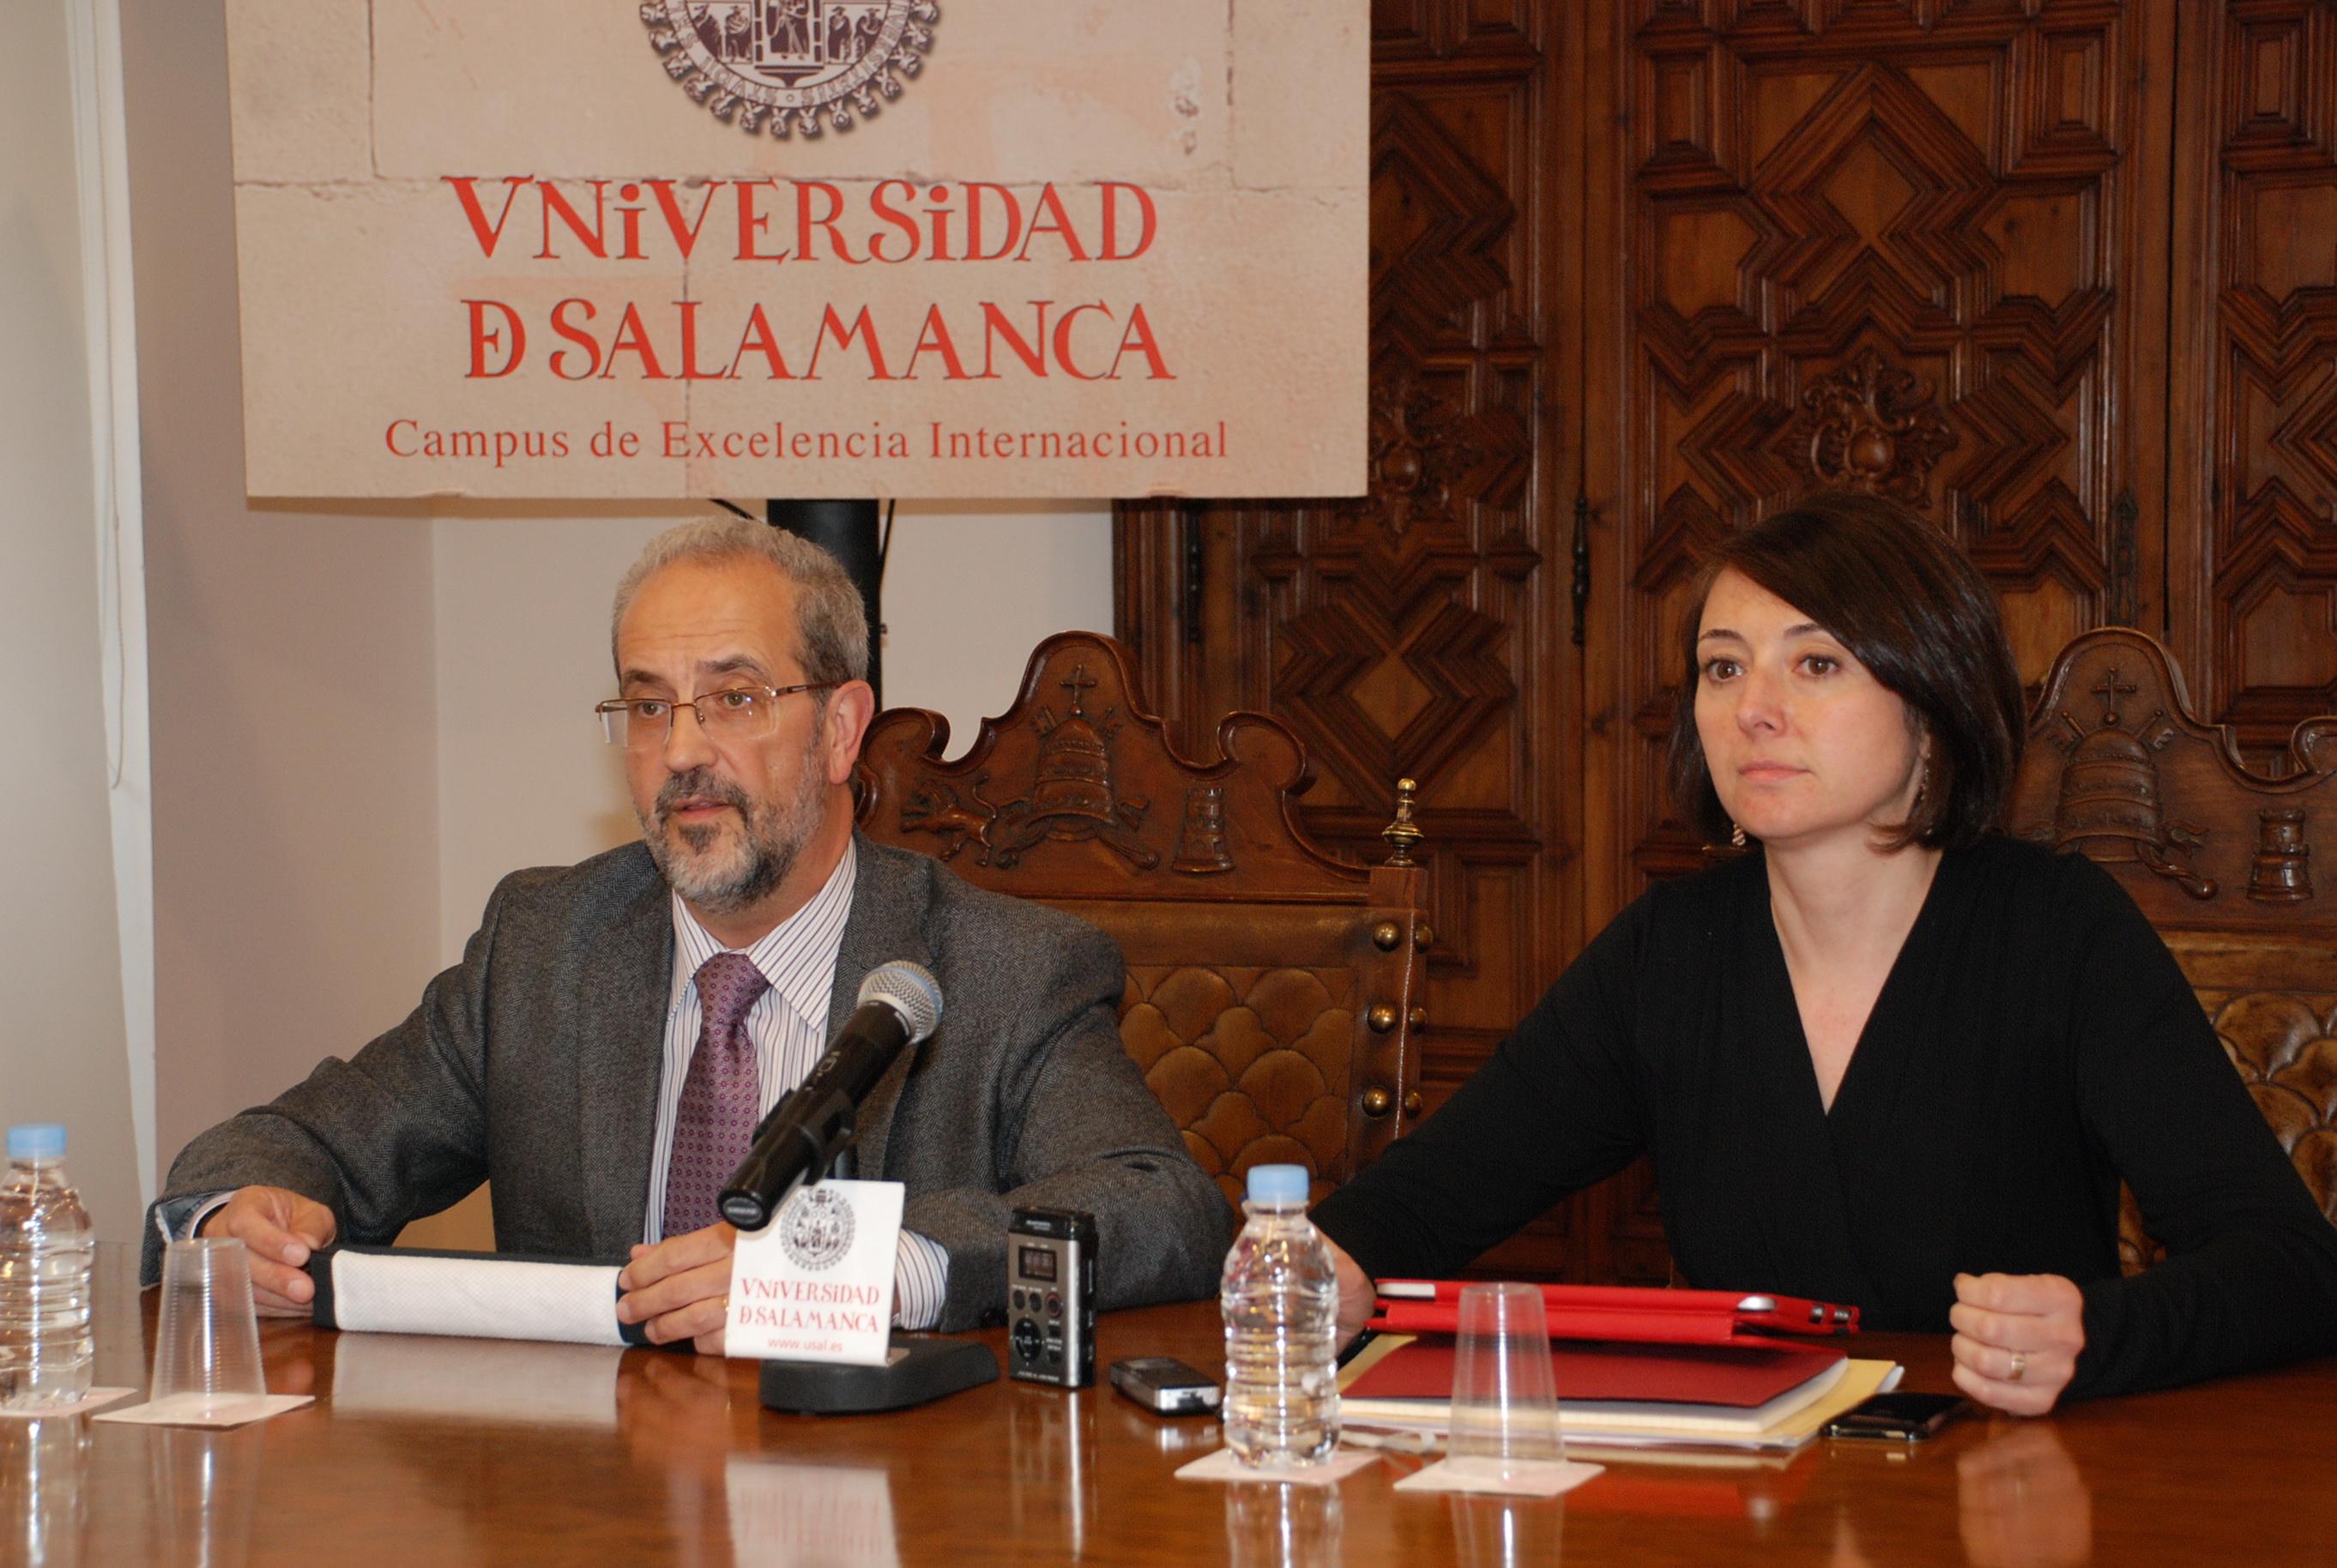 El Consejo de Gobierno de la Universidad de Salamanca aprueba la oferta de títulos propios para el próximo curso